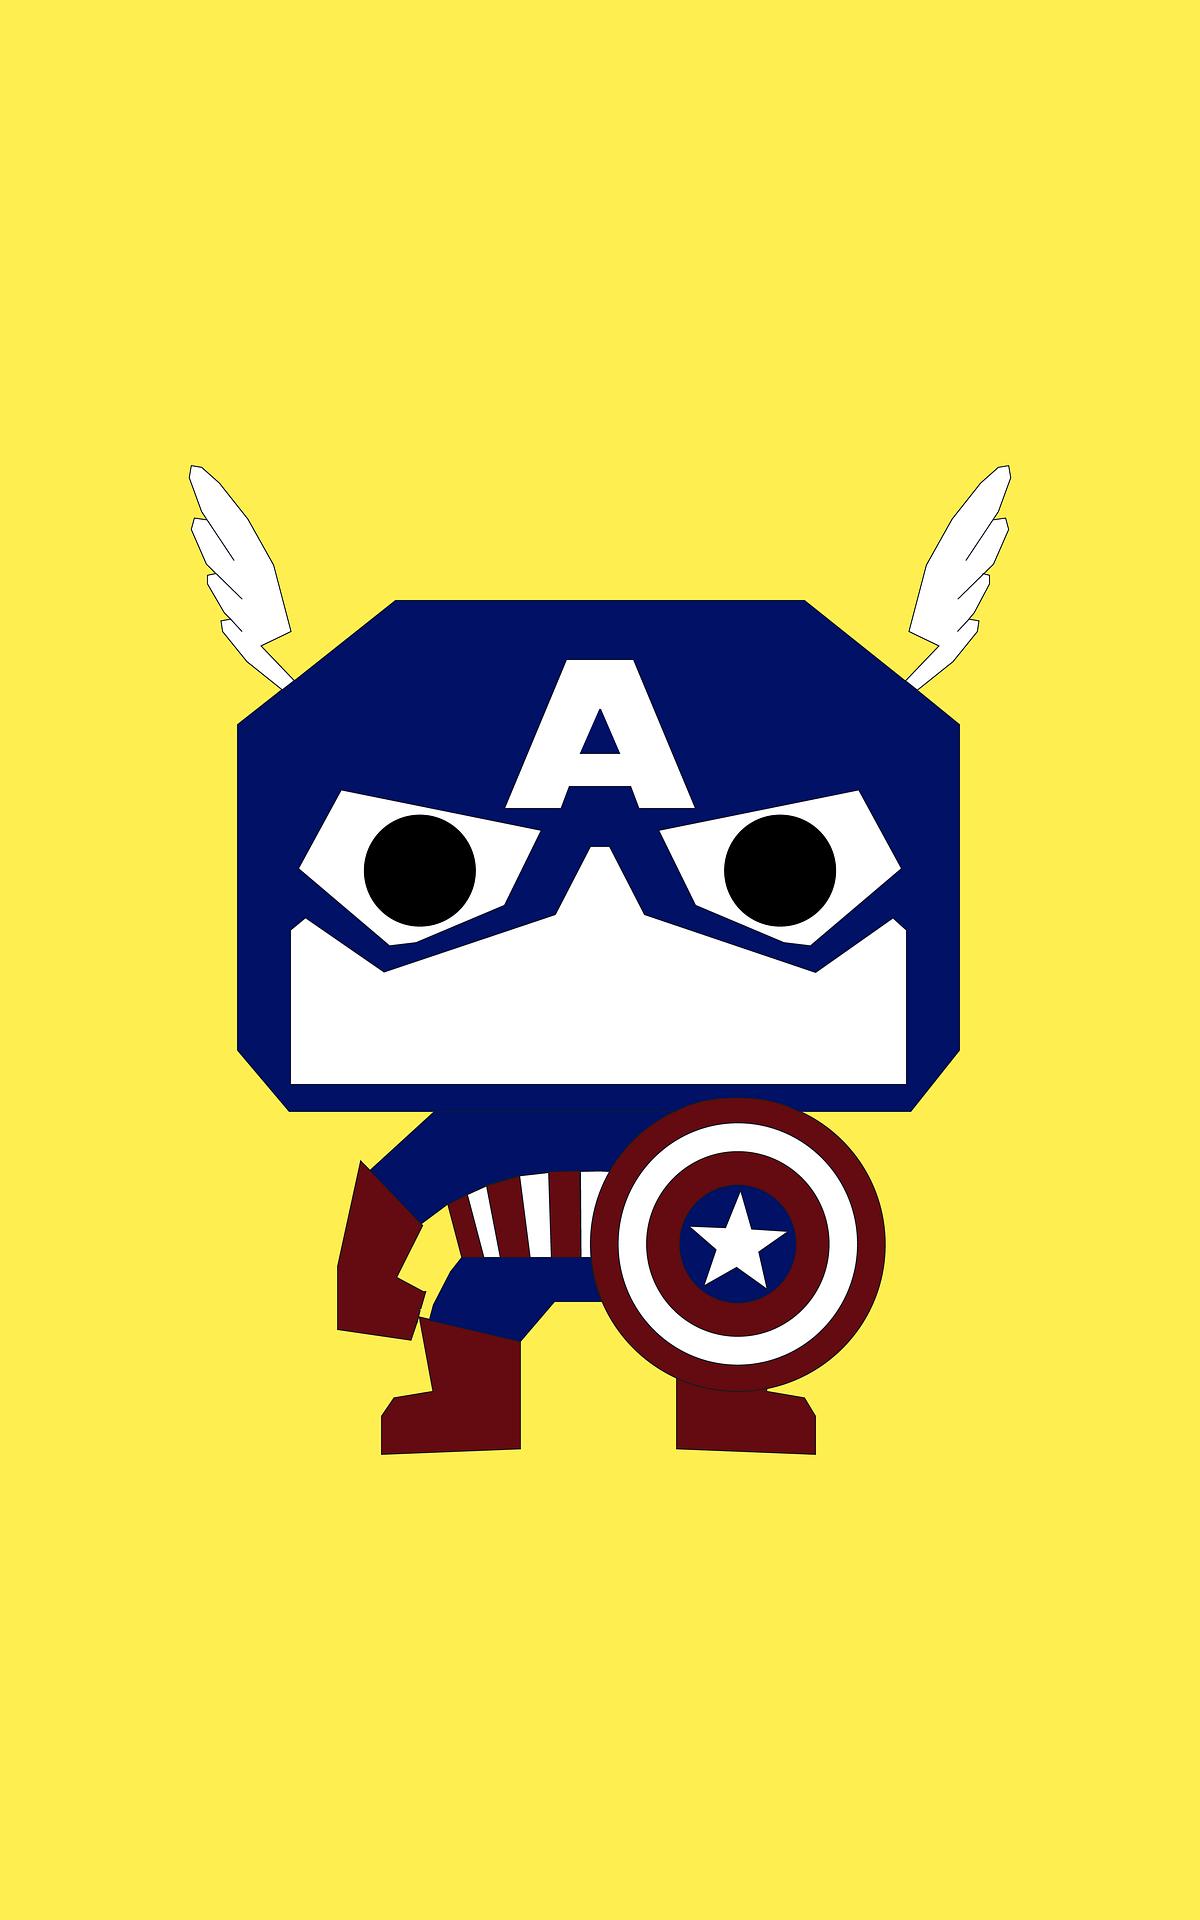 capitán américa, superhéroe, marvel, ilustración, cómic - Fondos de Pantalla HD - professor-falken.com